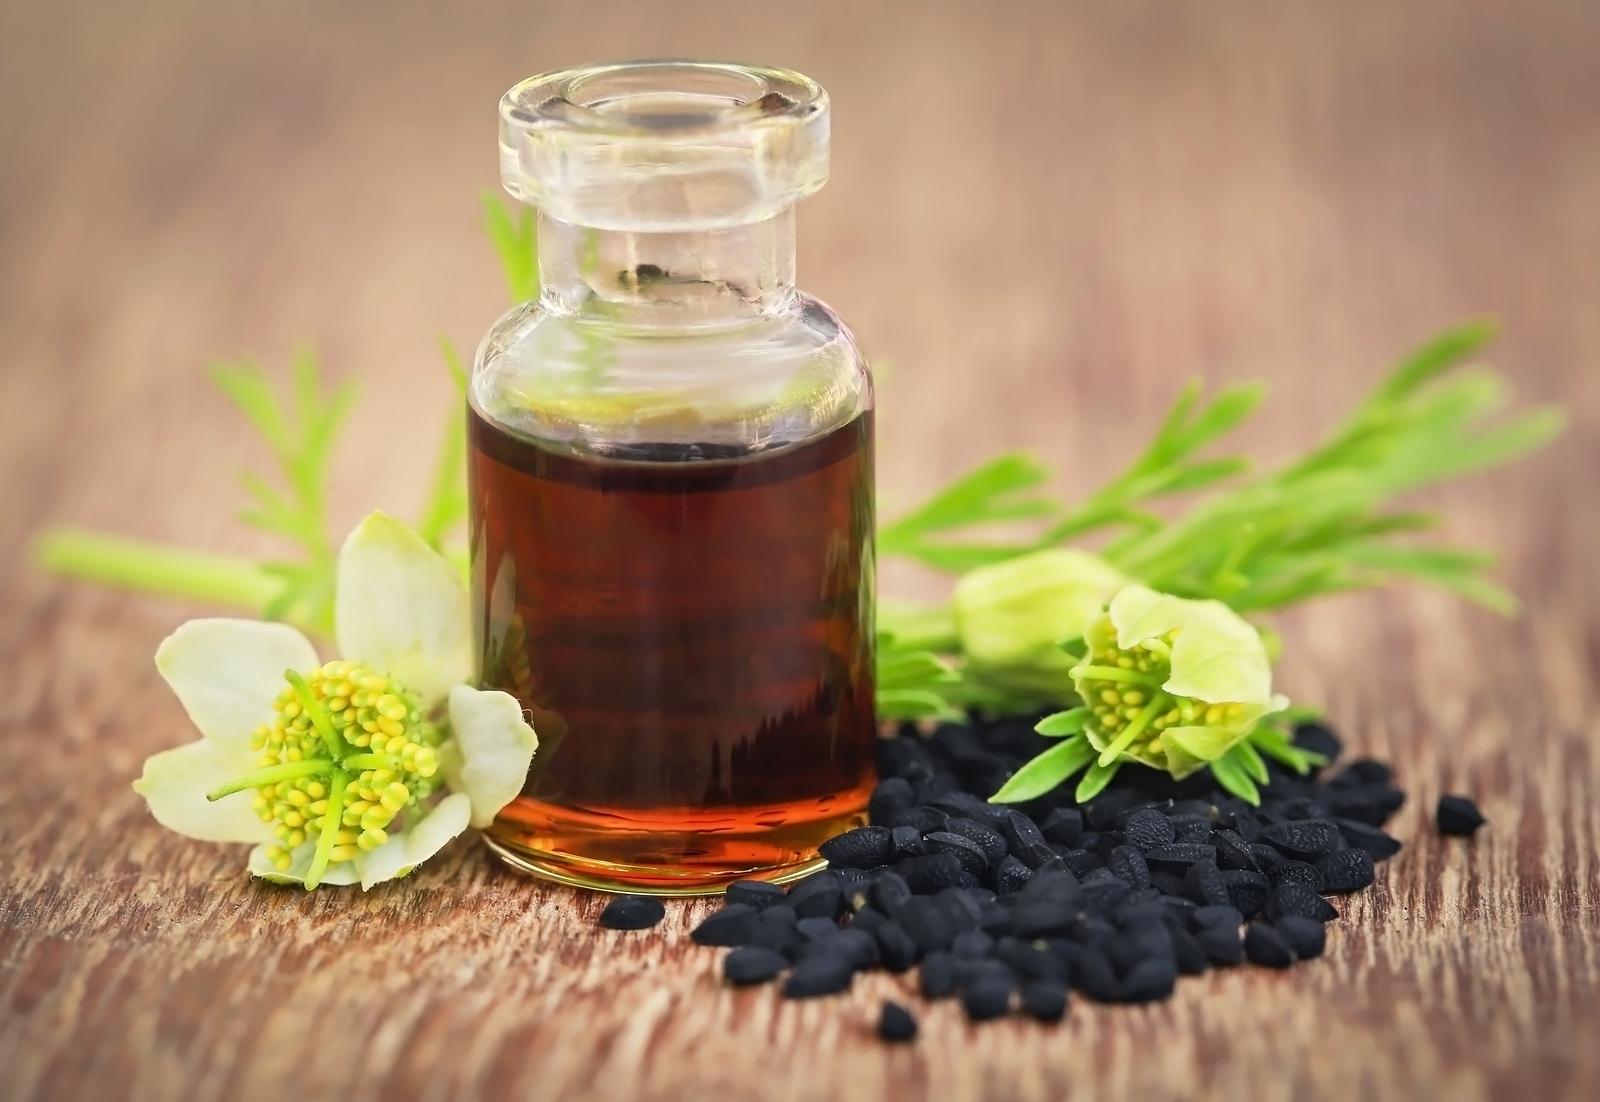 olej z czarnuszki właściwości i zastosowanie